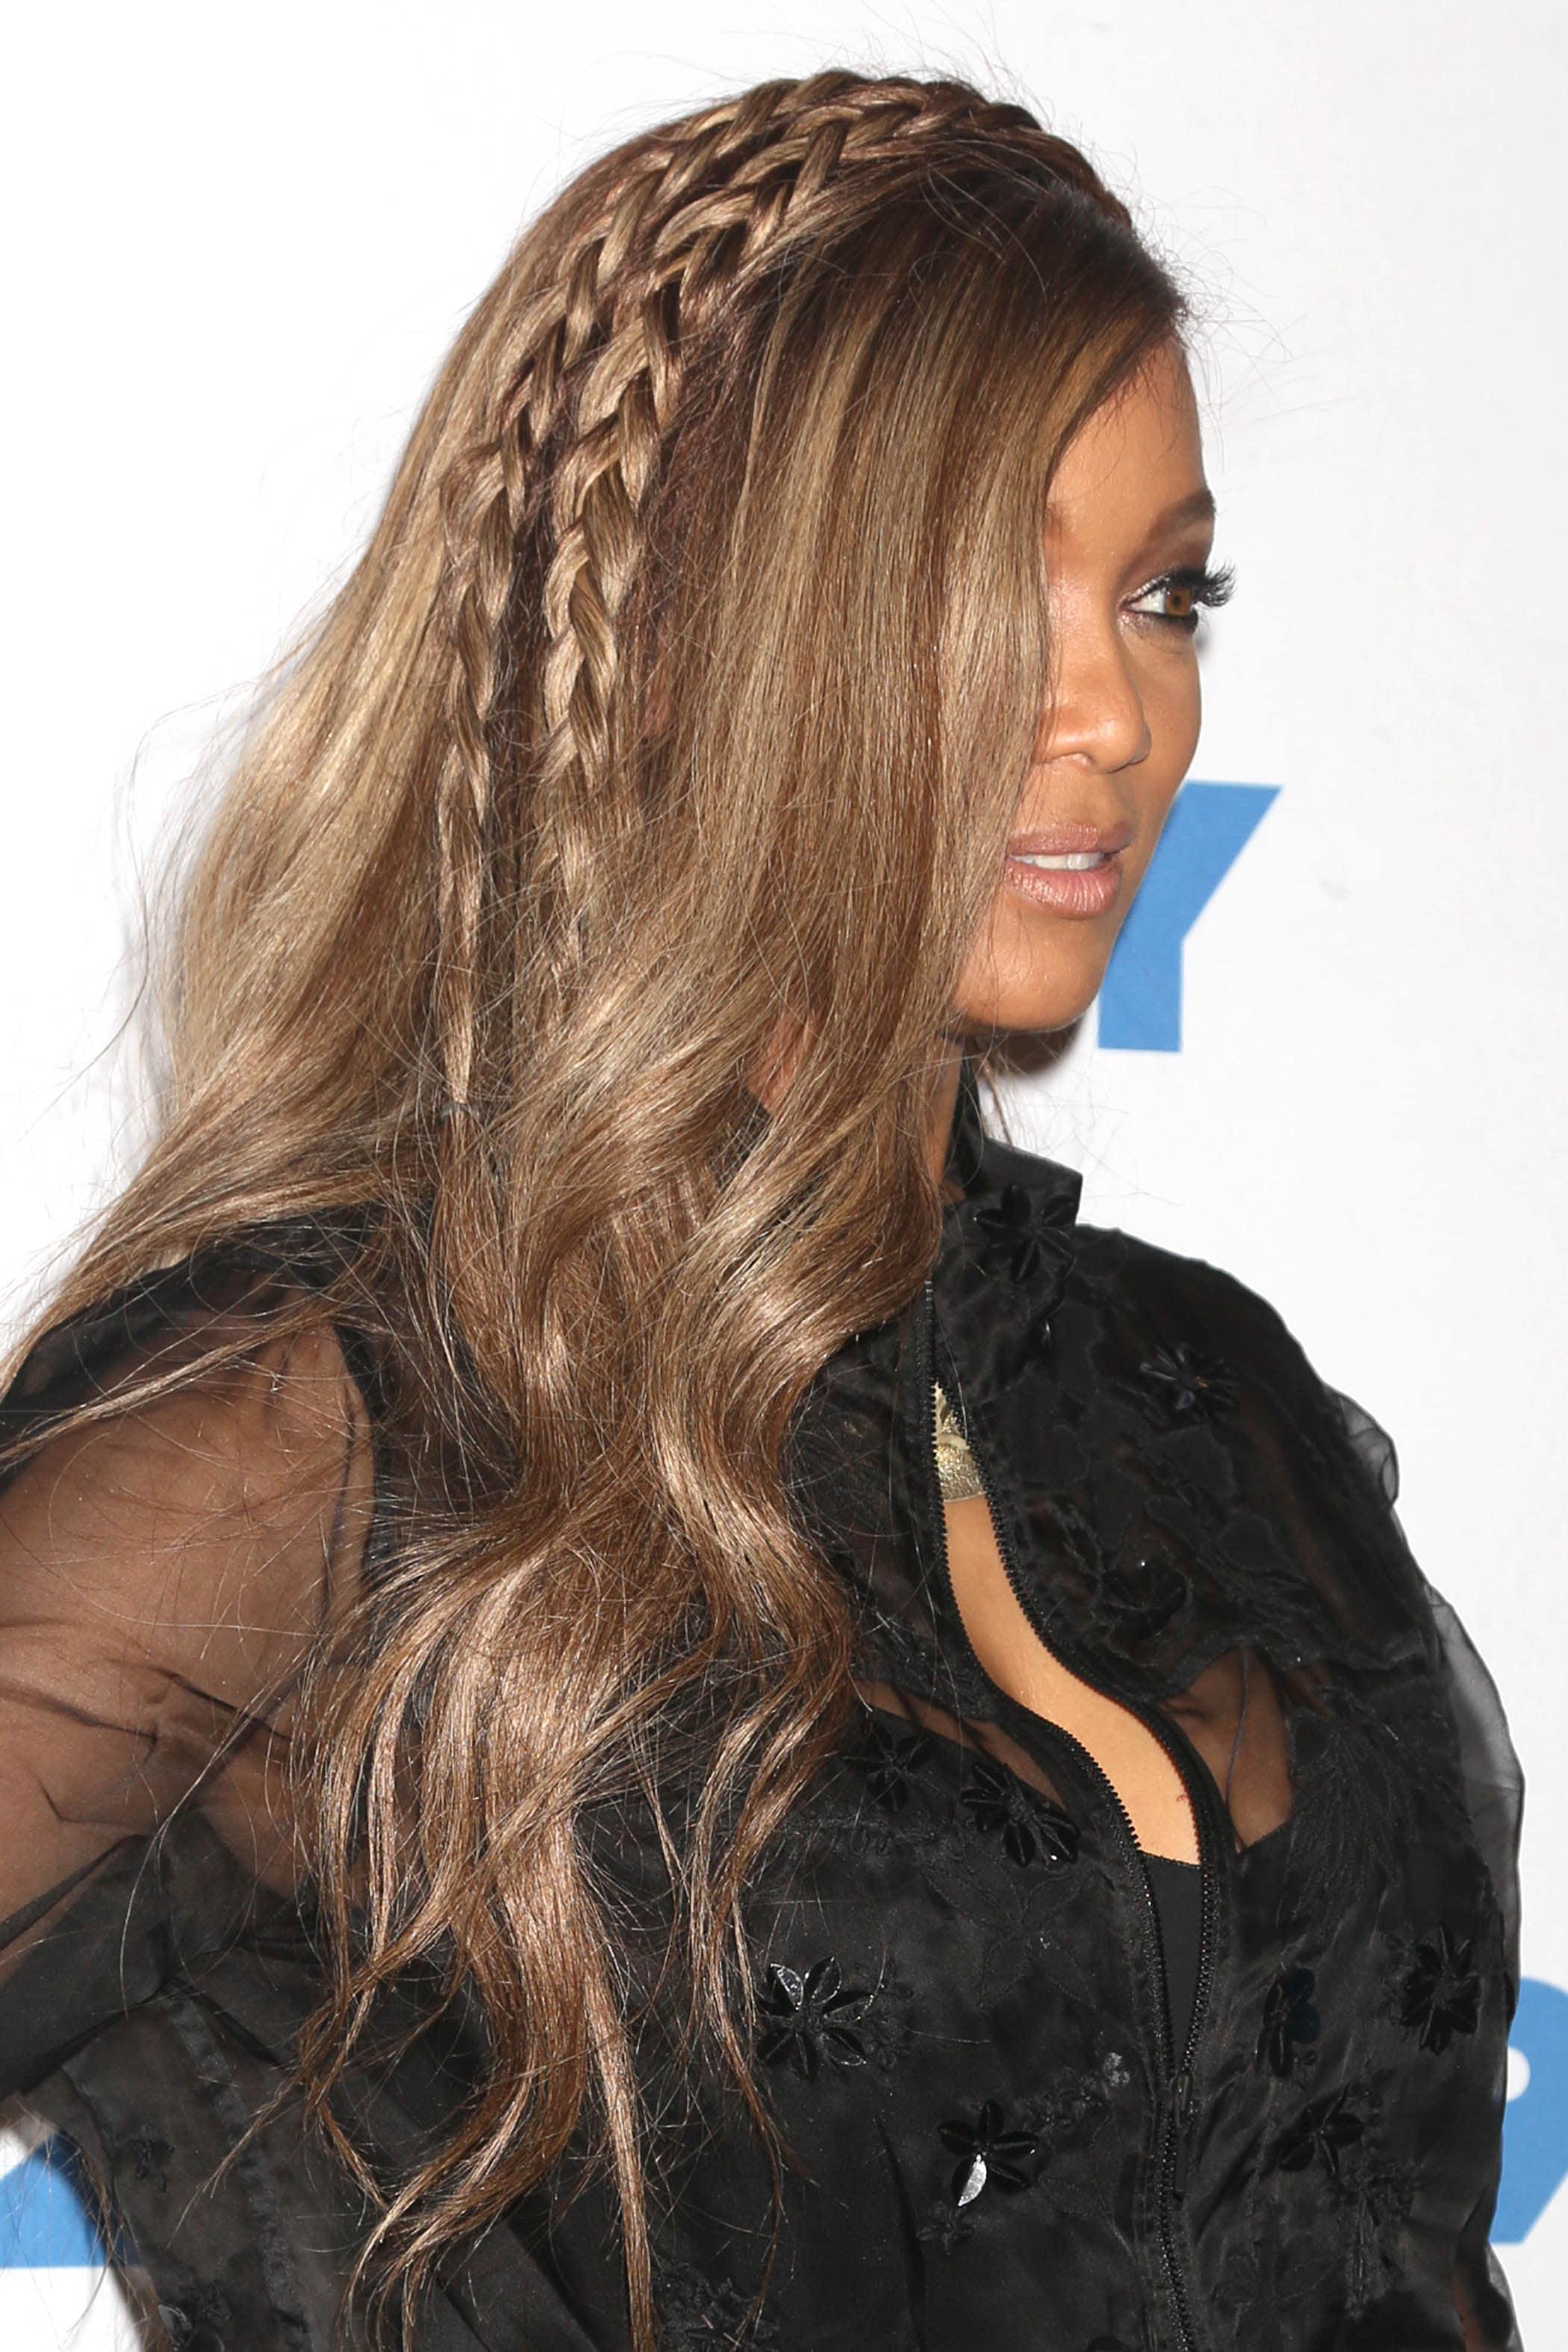 Mujer de melena castaña, lacia, con movimiento y raya al costado. Lleva dos trenzas entre el medio del cabello